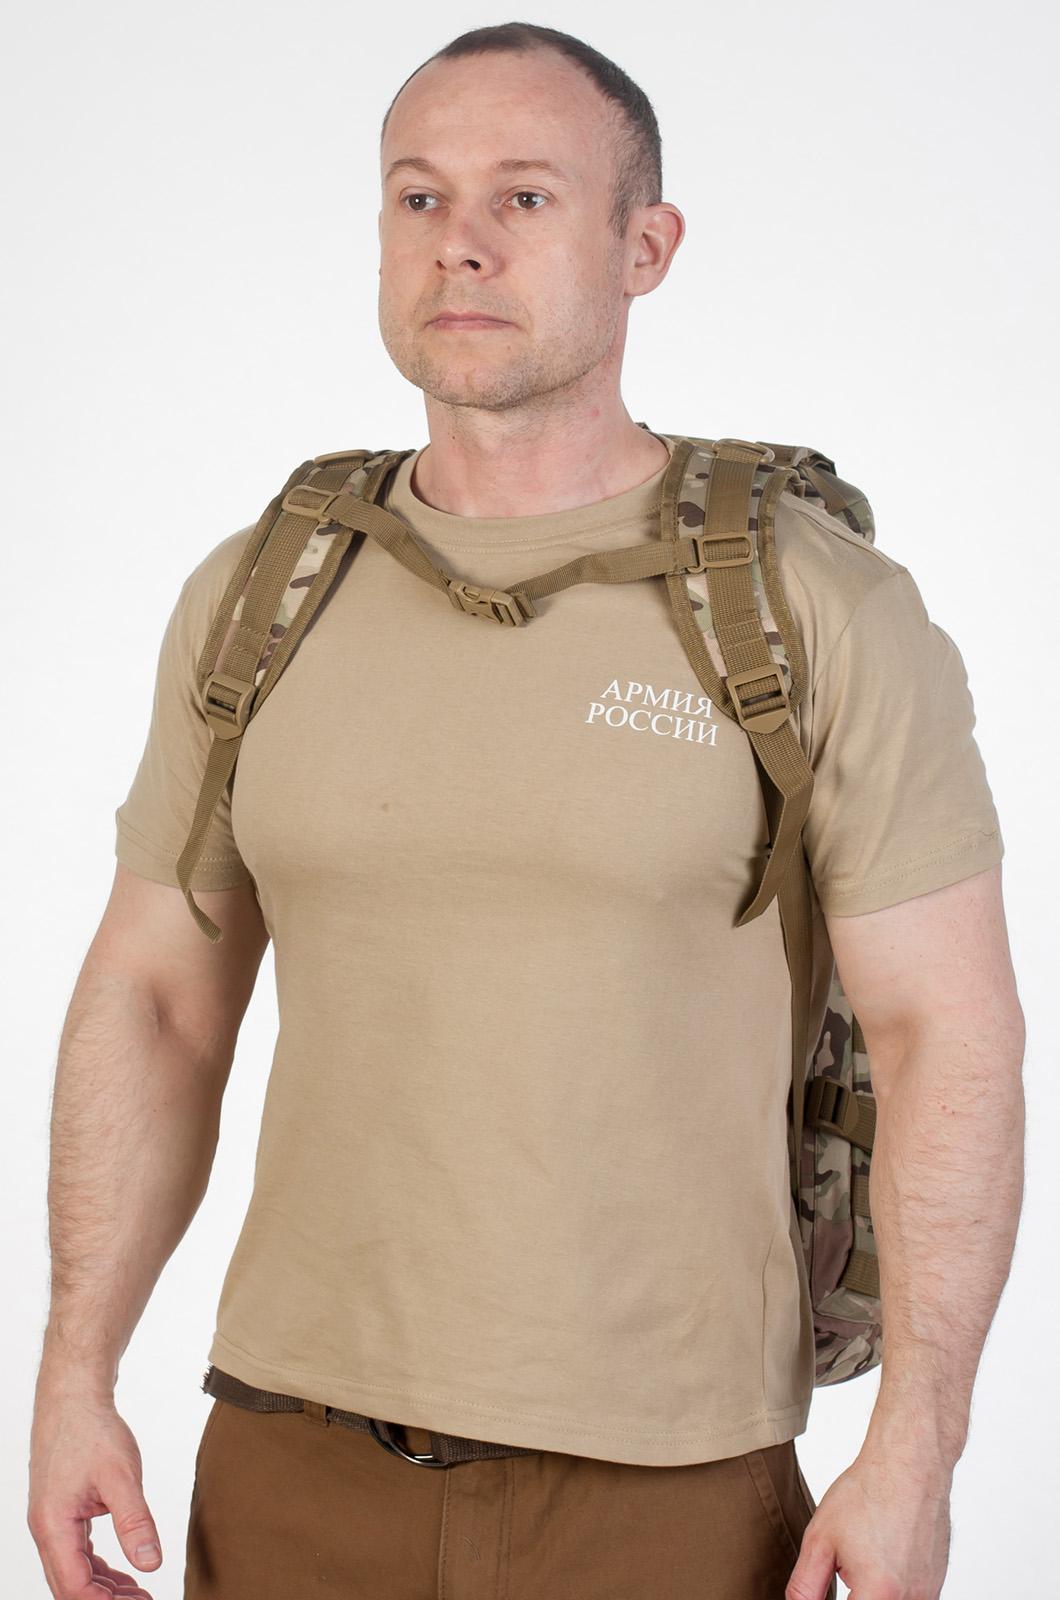 Рейдовый камуфляжный рюкзак с нашивкой Пограничной службы - купить оптом